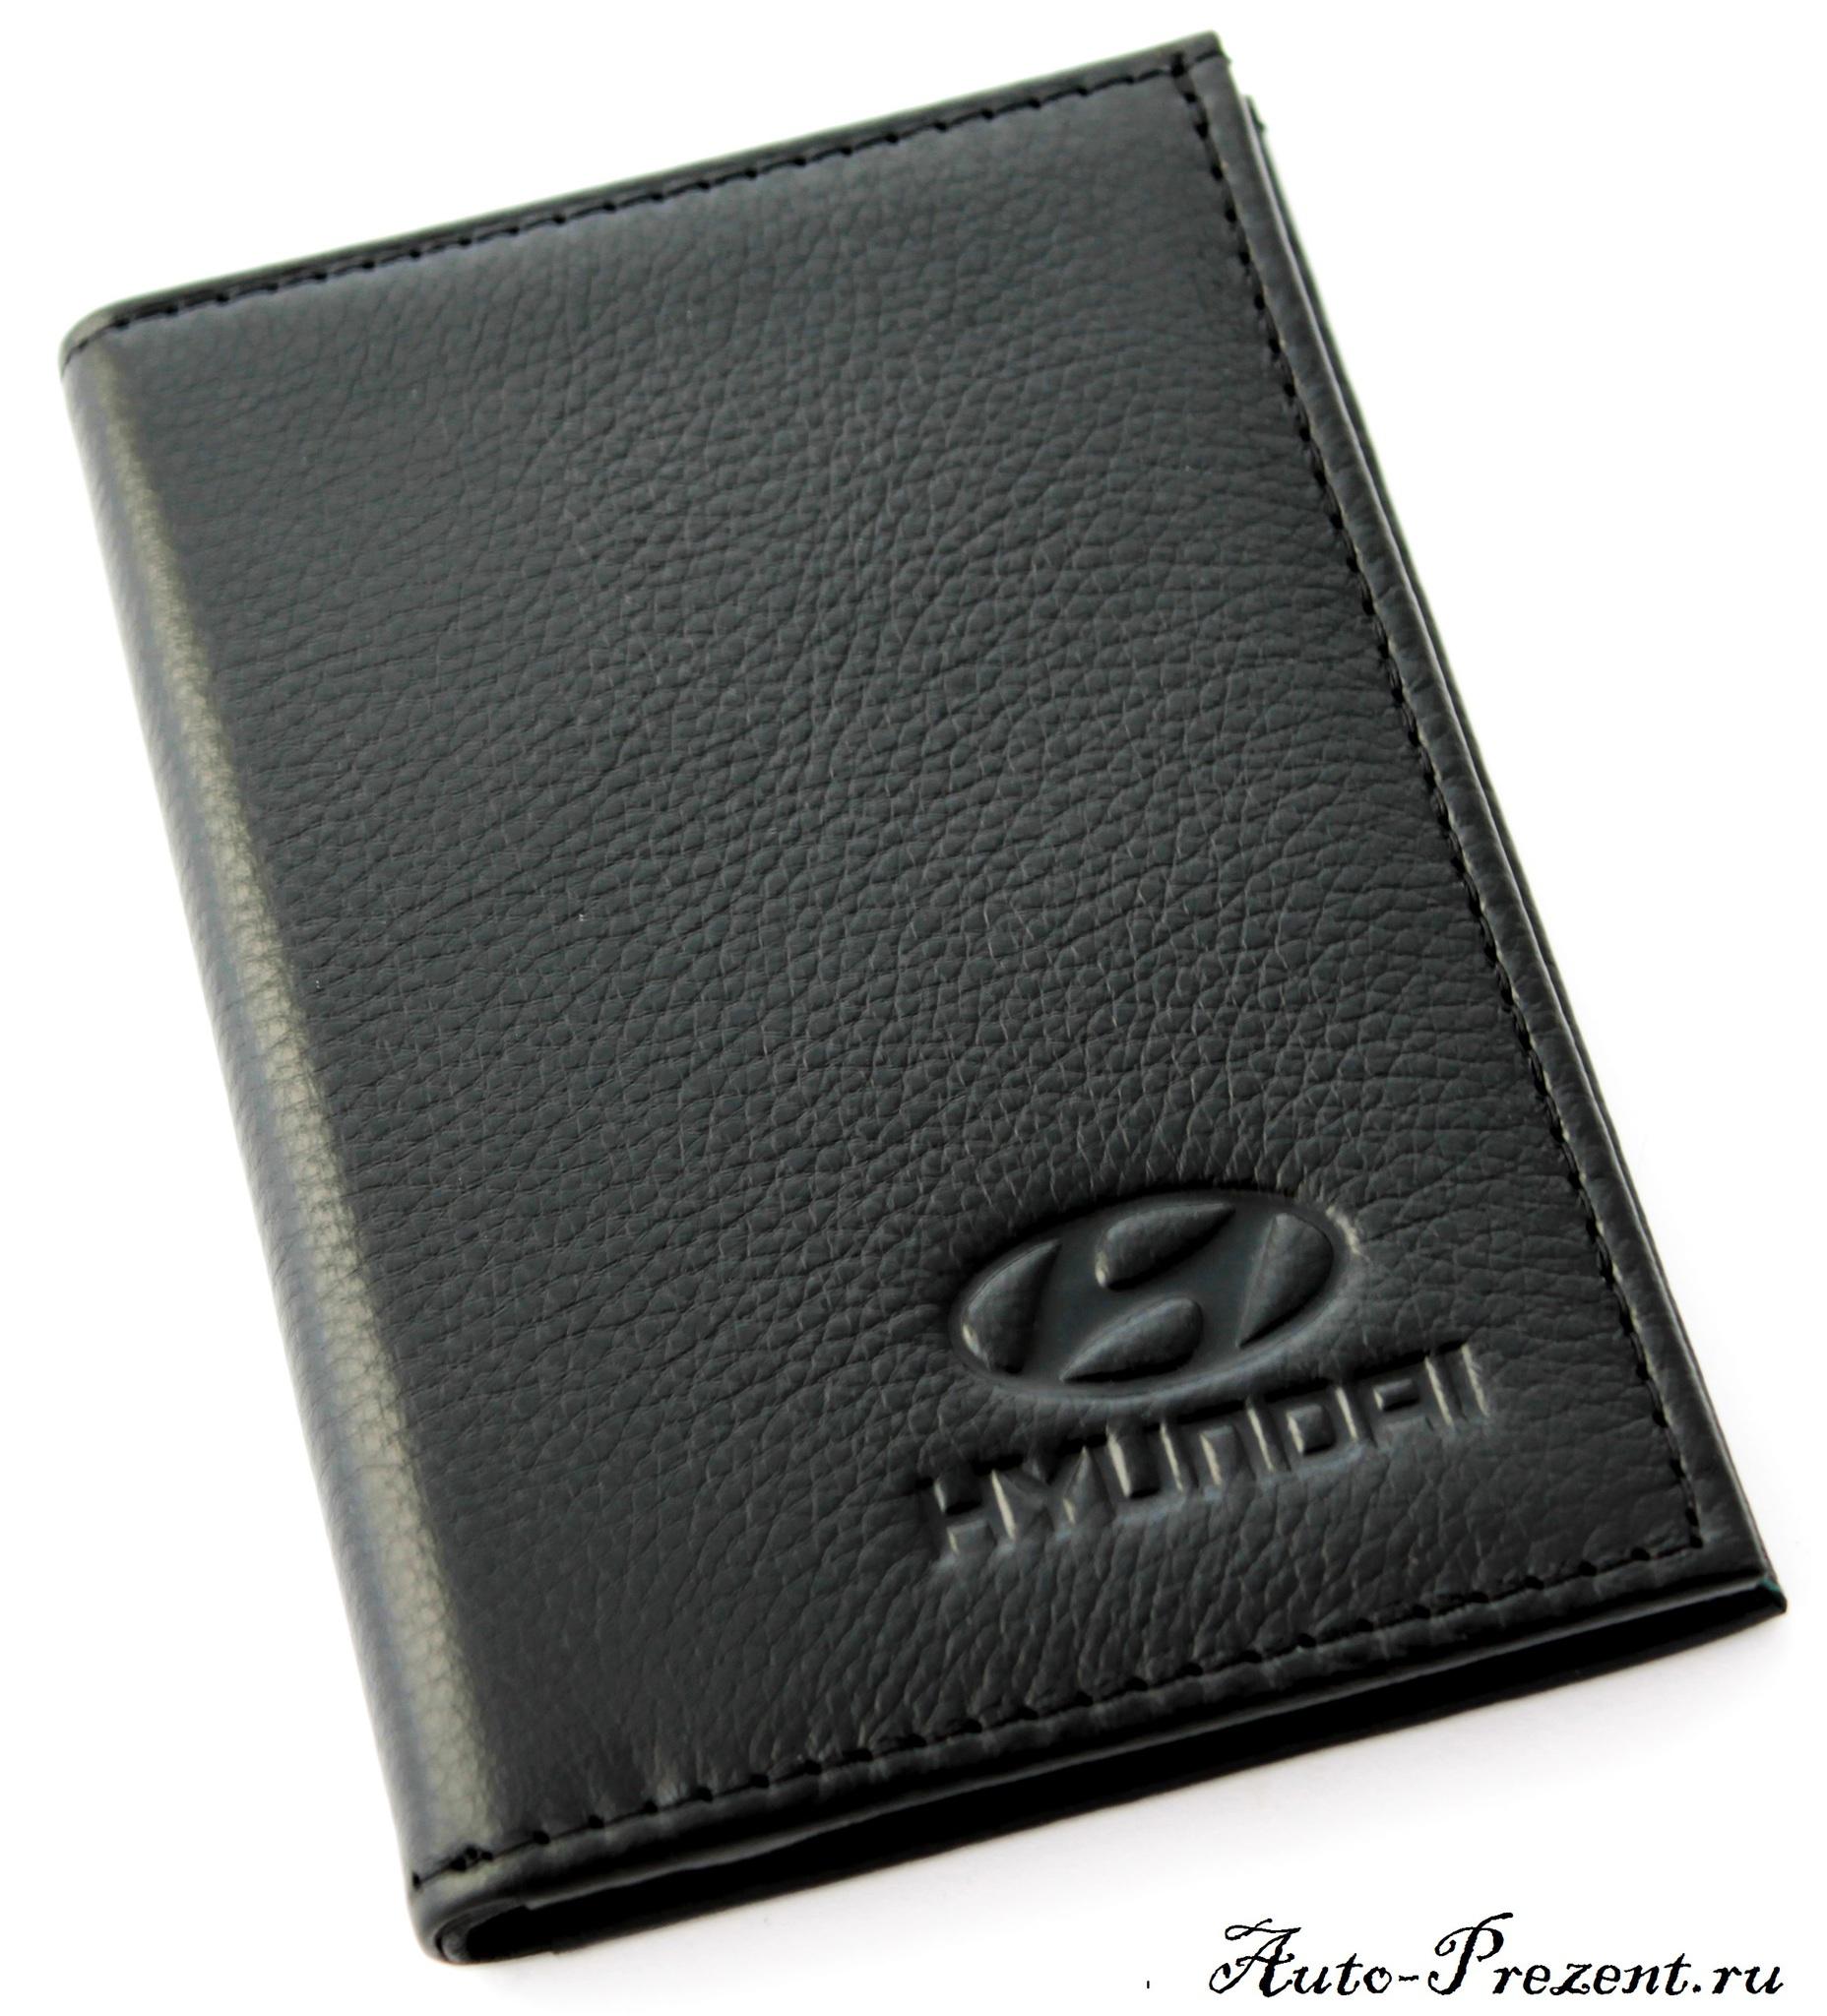 Портмоне для автодокументов из натуральной кожи с логотипом HYUNDAI